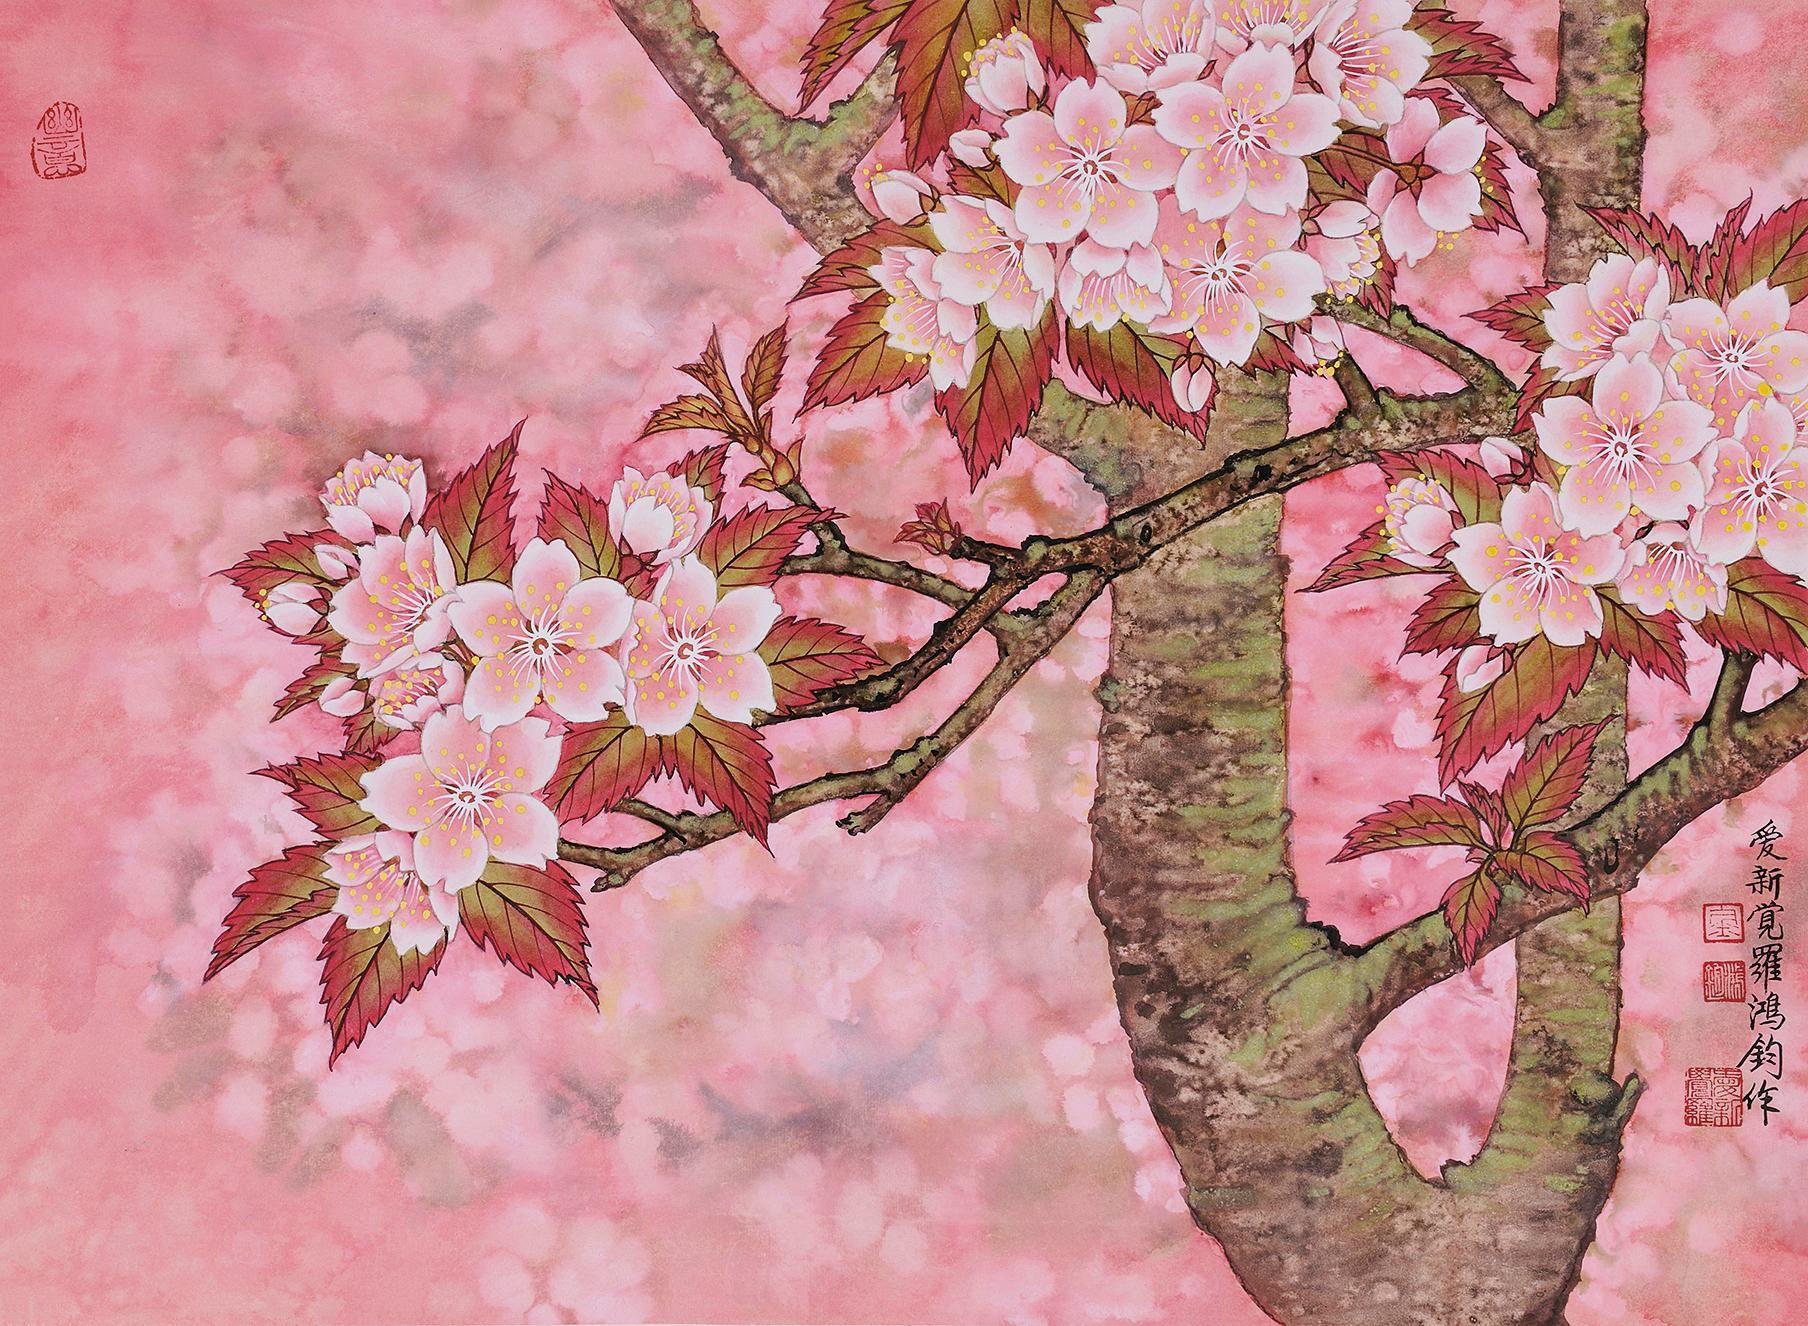 калаче картинки сакура в цвету нарисовать сохраняются кэше профиле